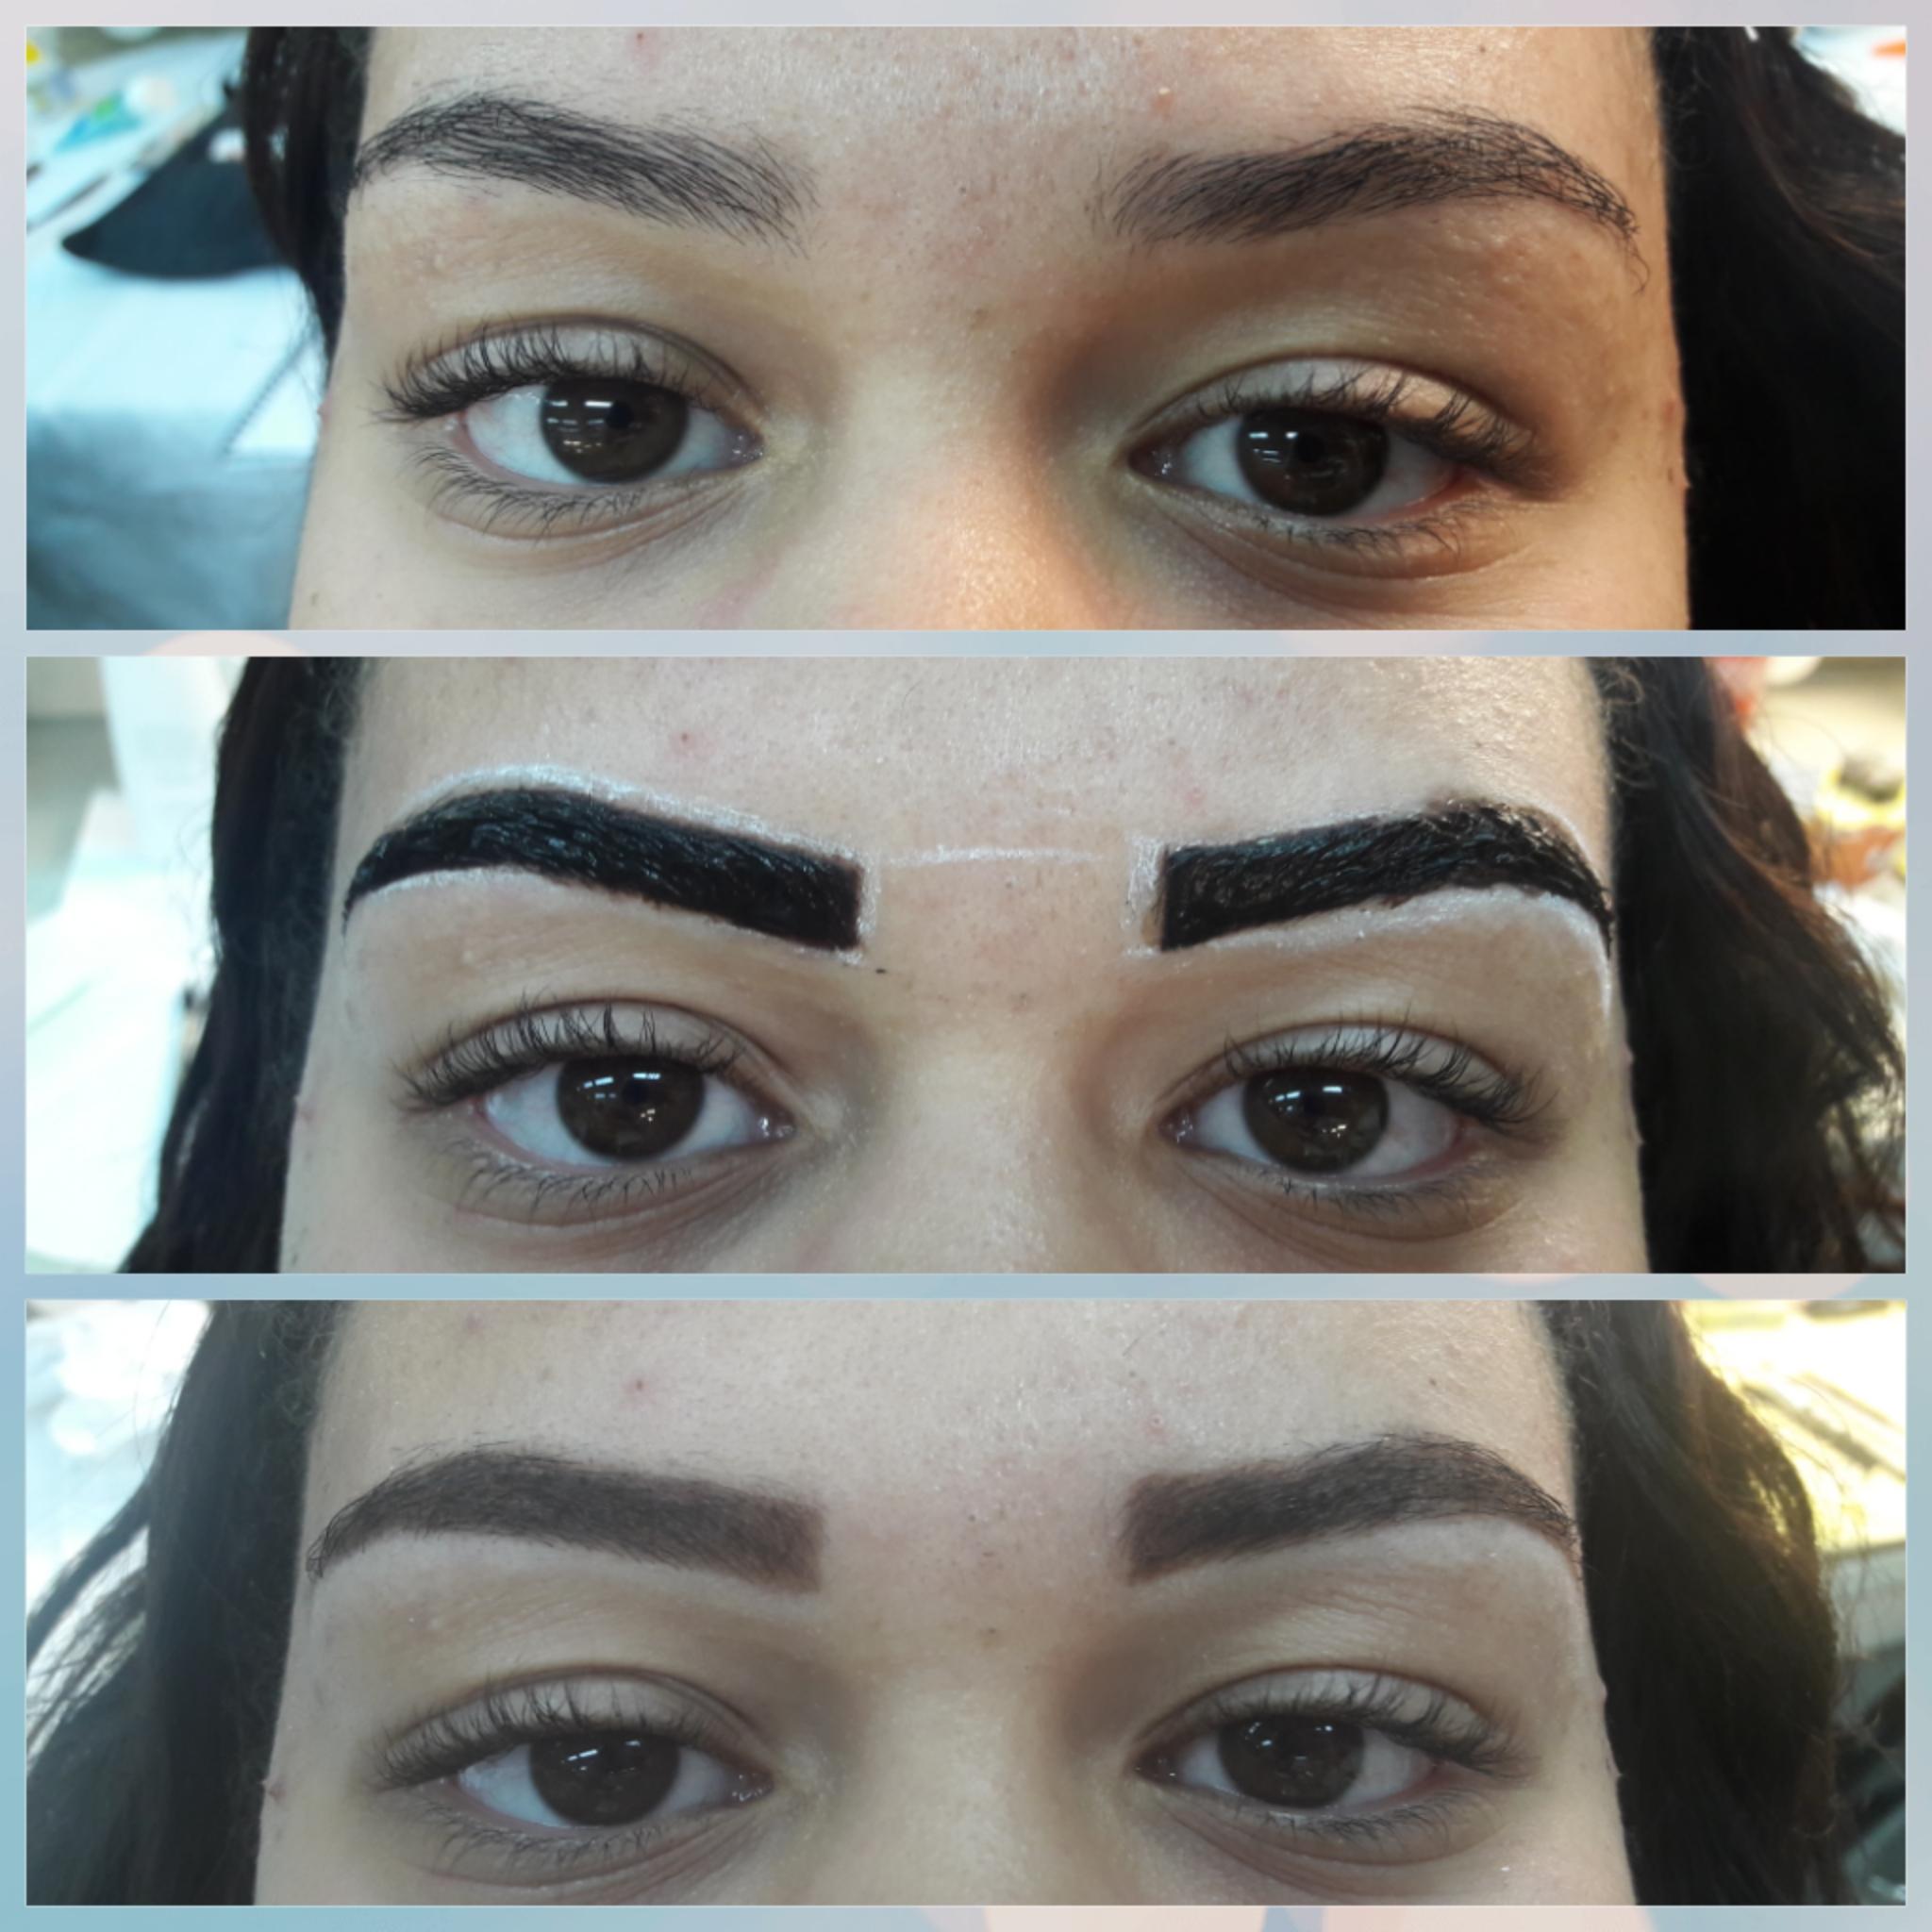 É o #DesignerDeSobrancelhas de uma amiga que fiz enquanto estava no curso.  outros designer de sobrancelhas maquiador(a) recepcionista